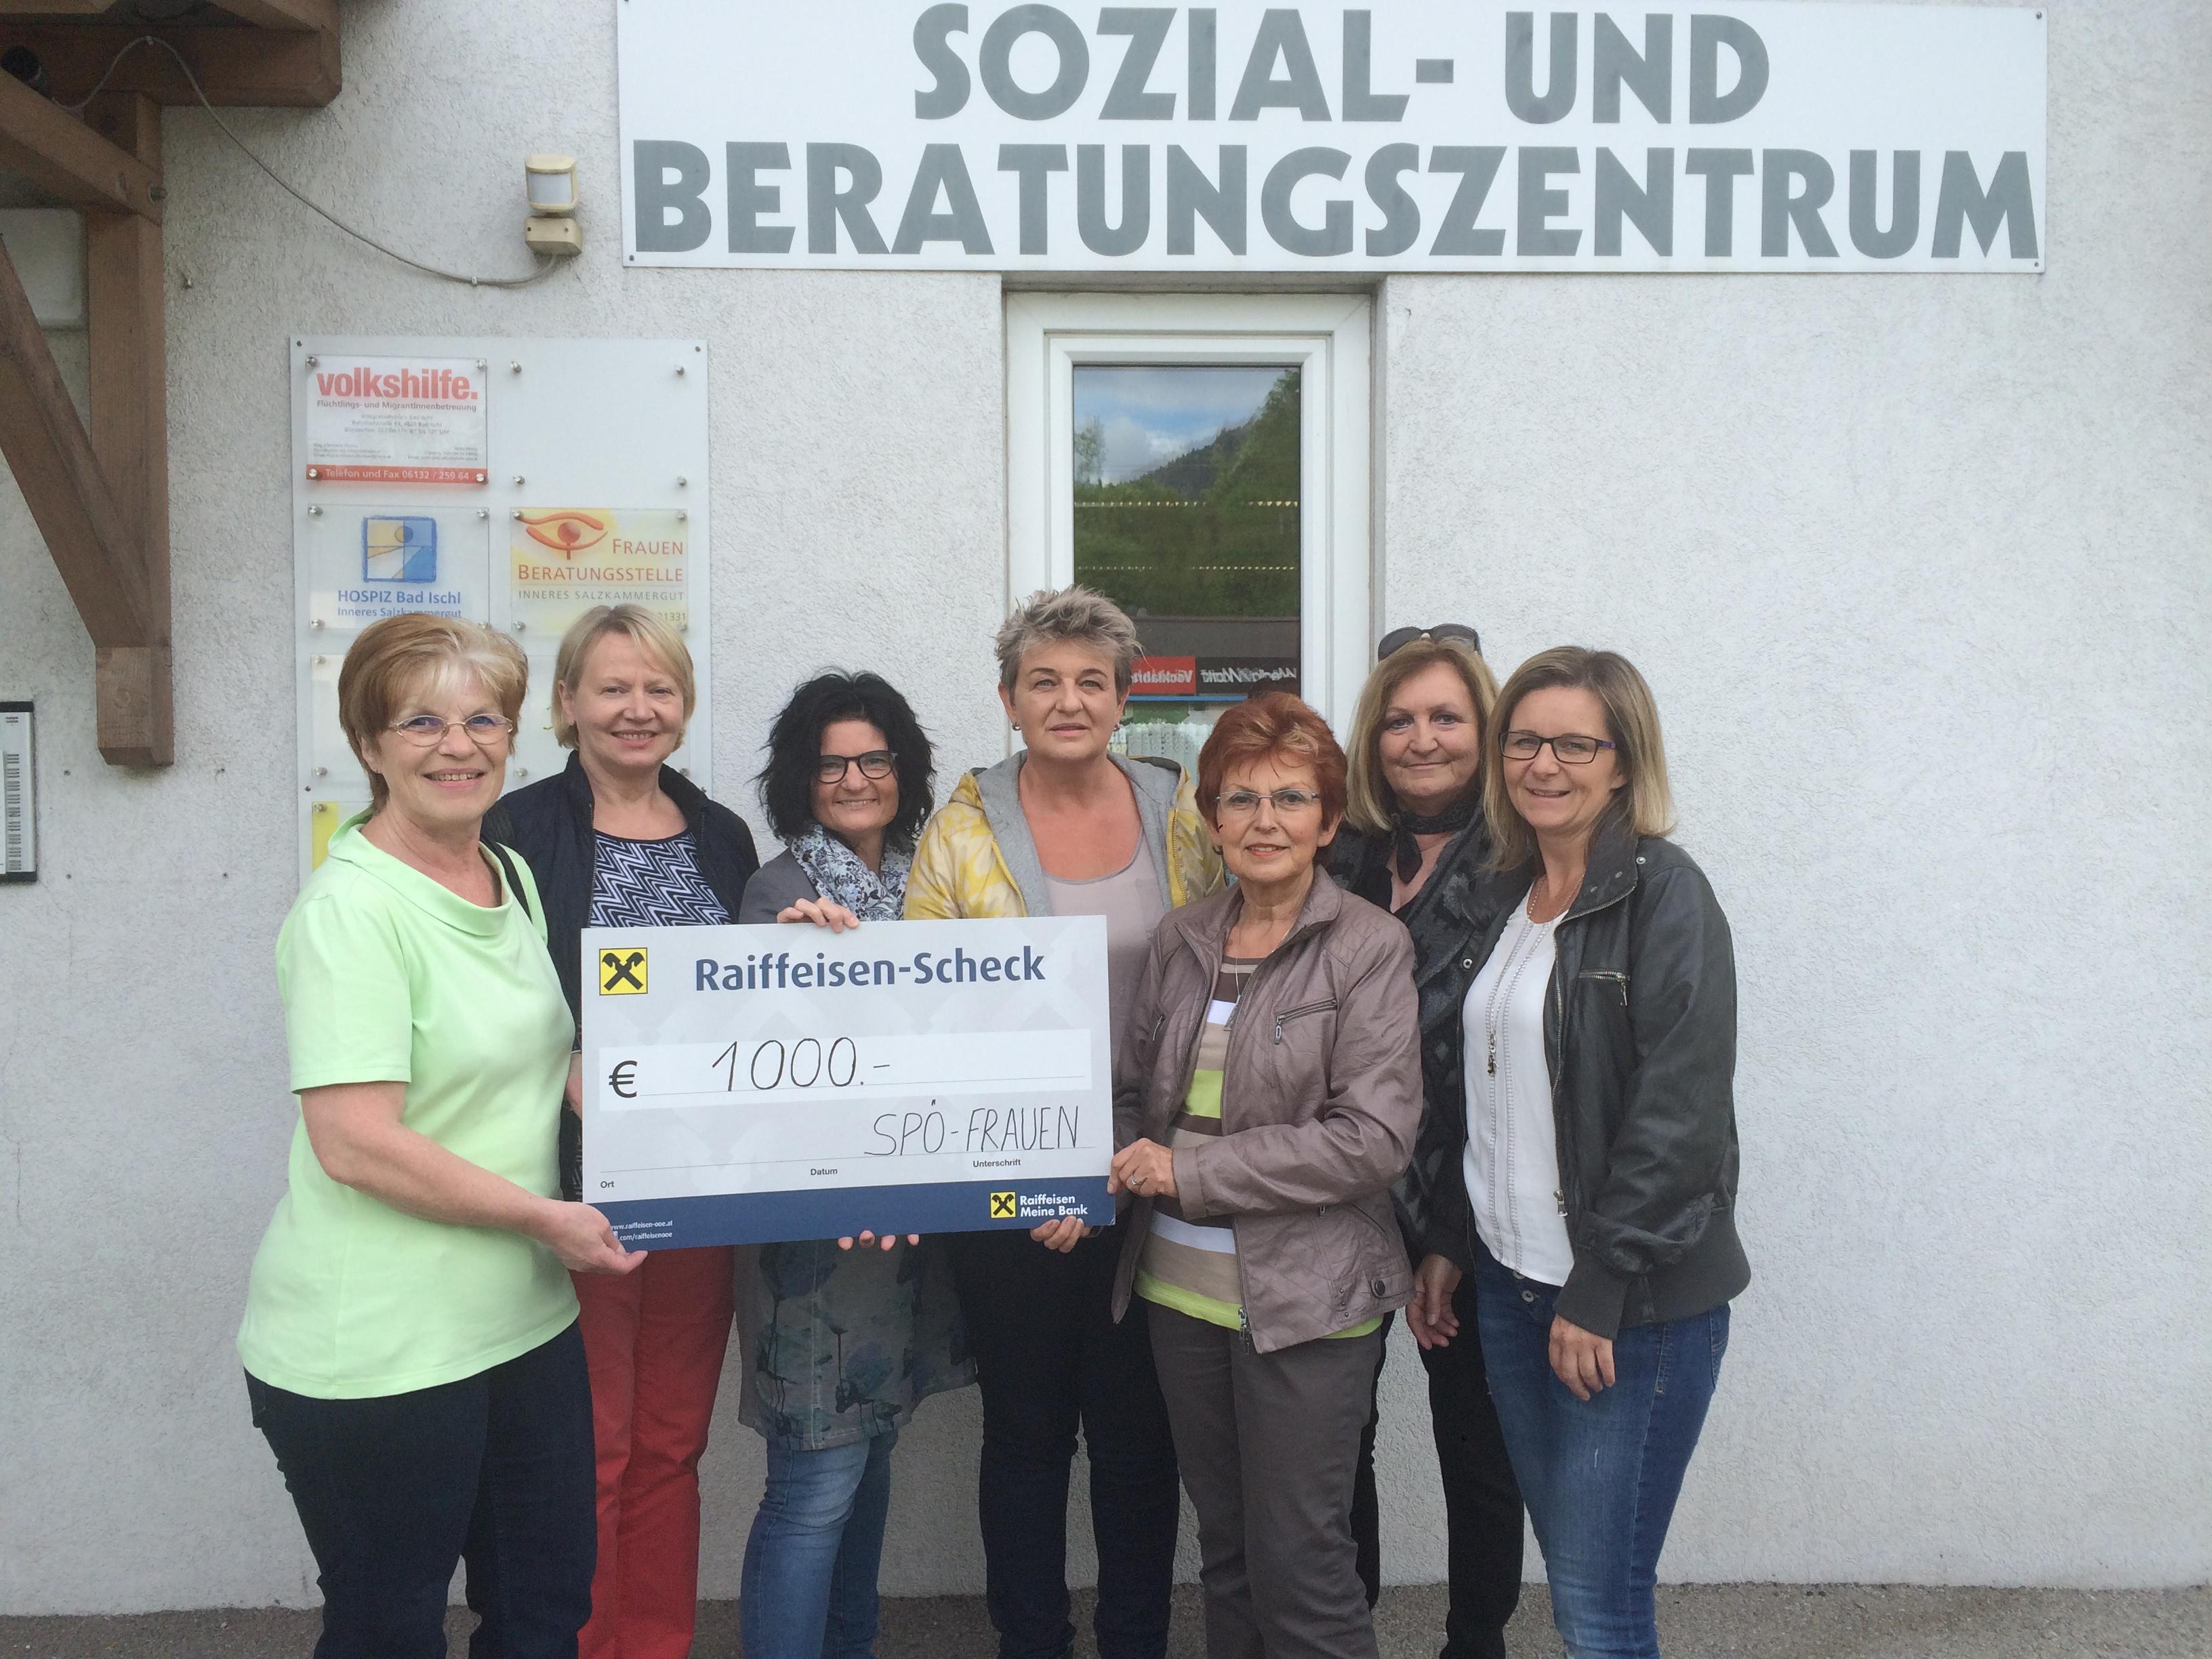 Single frauen bad ischl Partnersuche in Bad Ischl - Kontaktanzeigen und Singles ab 50